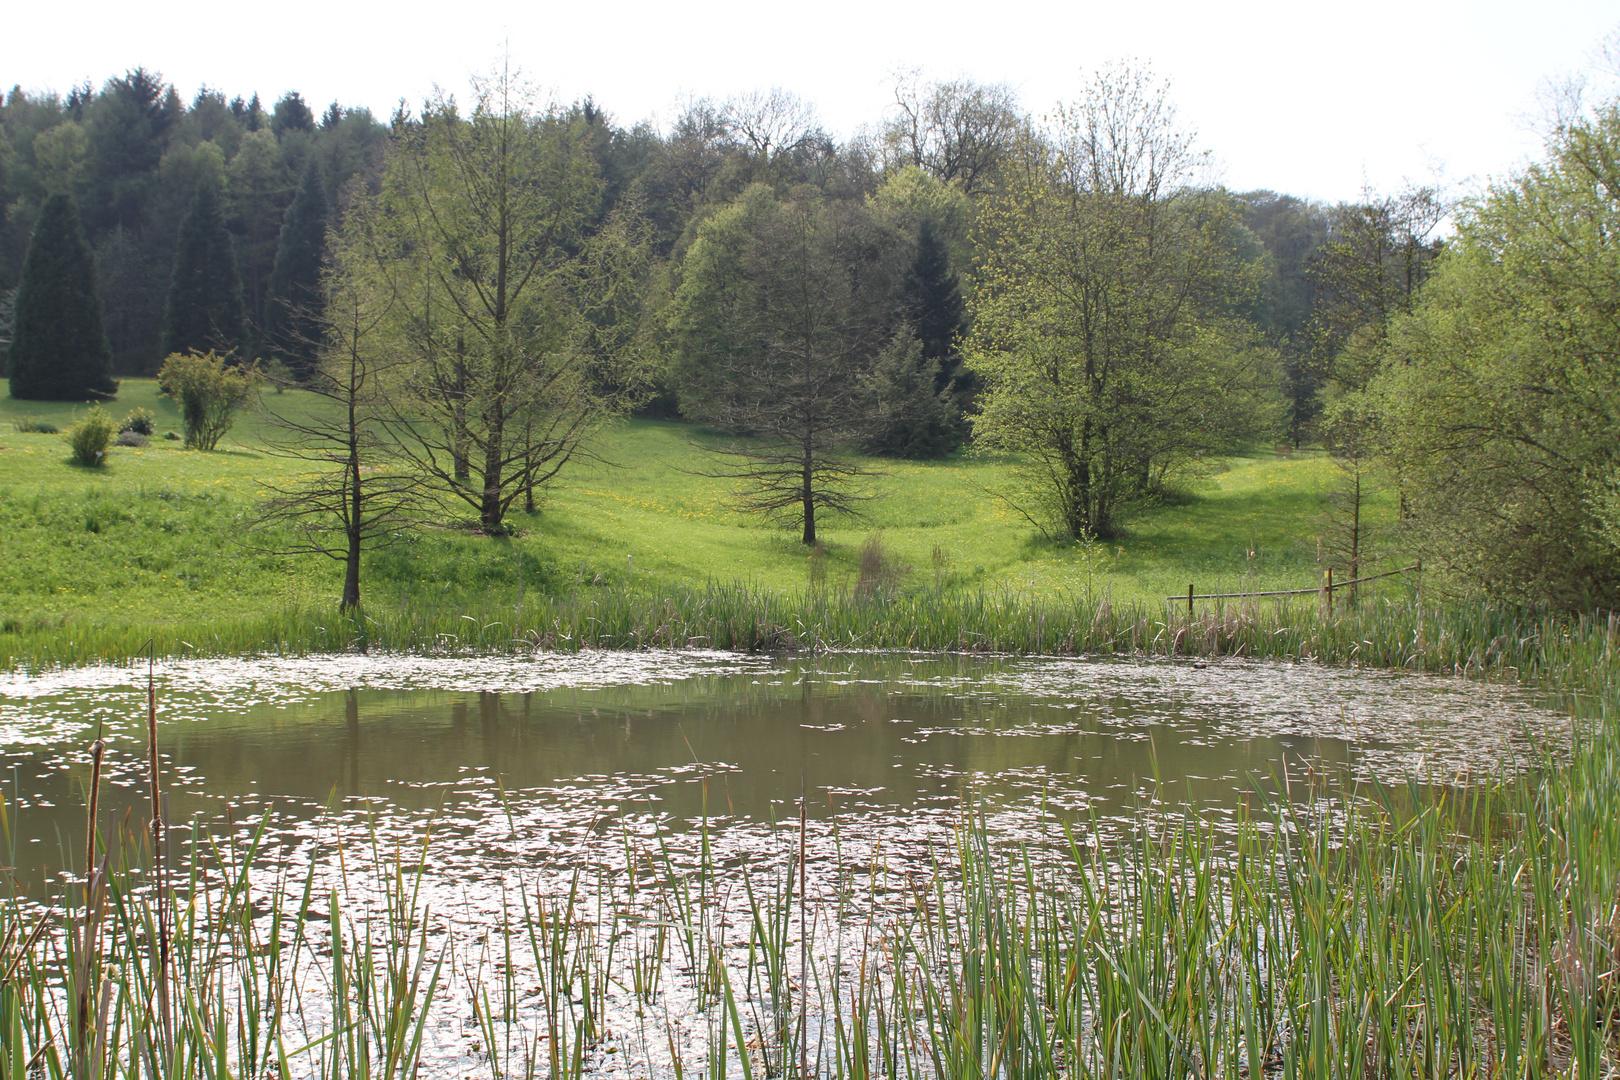 Teich im Botanischen Garten in Ulm